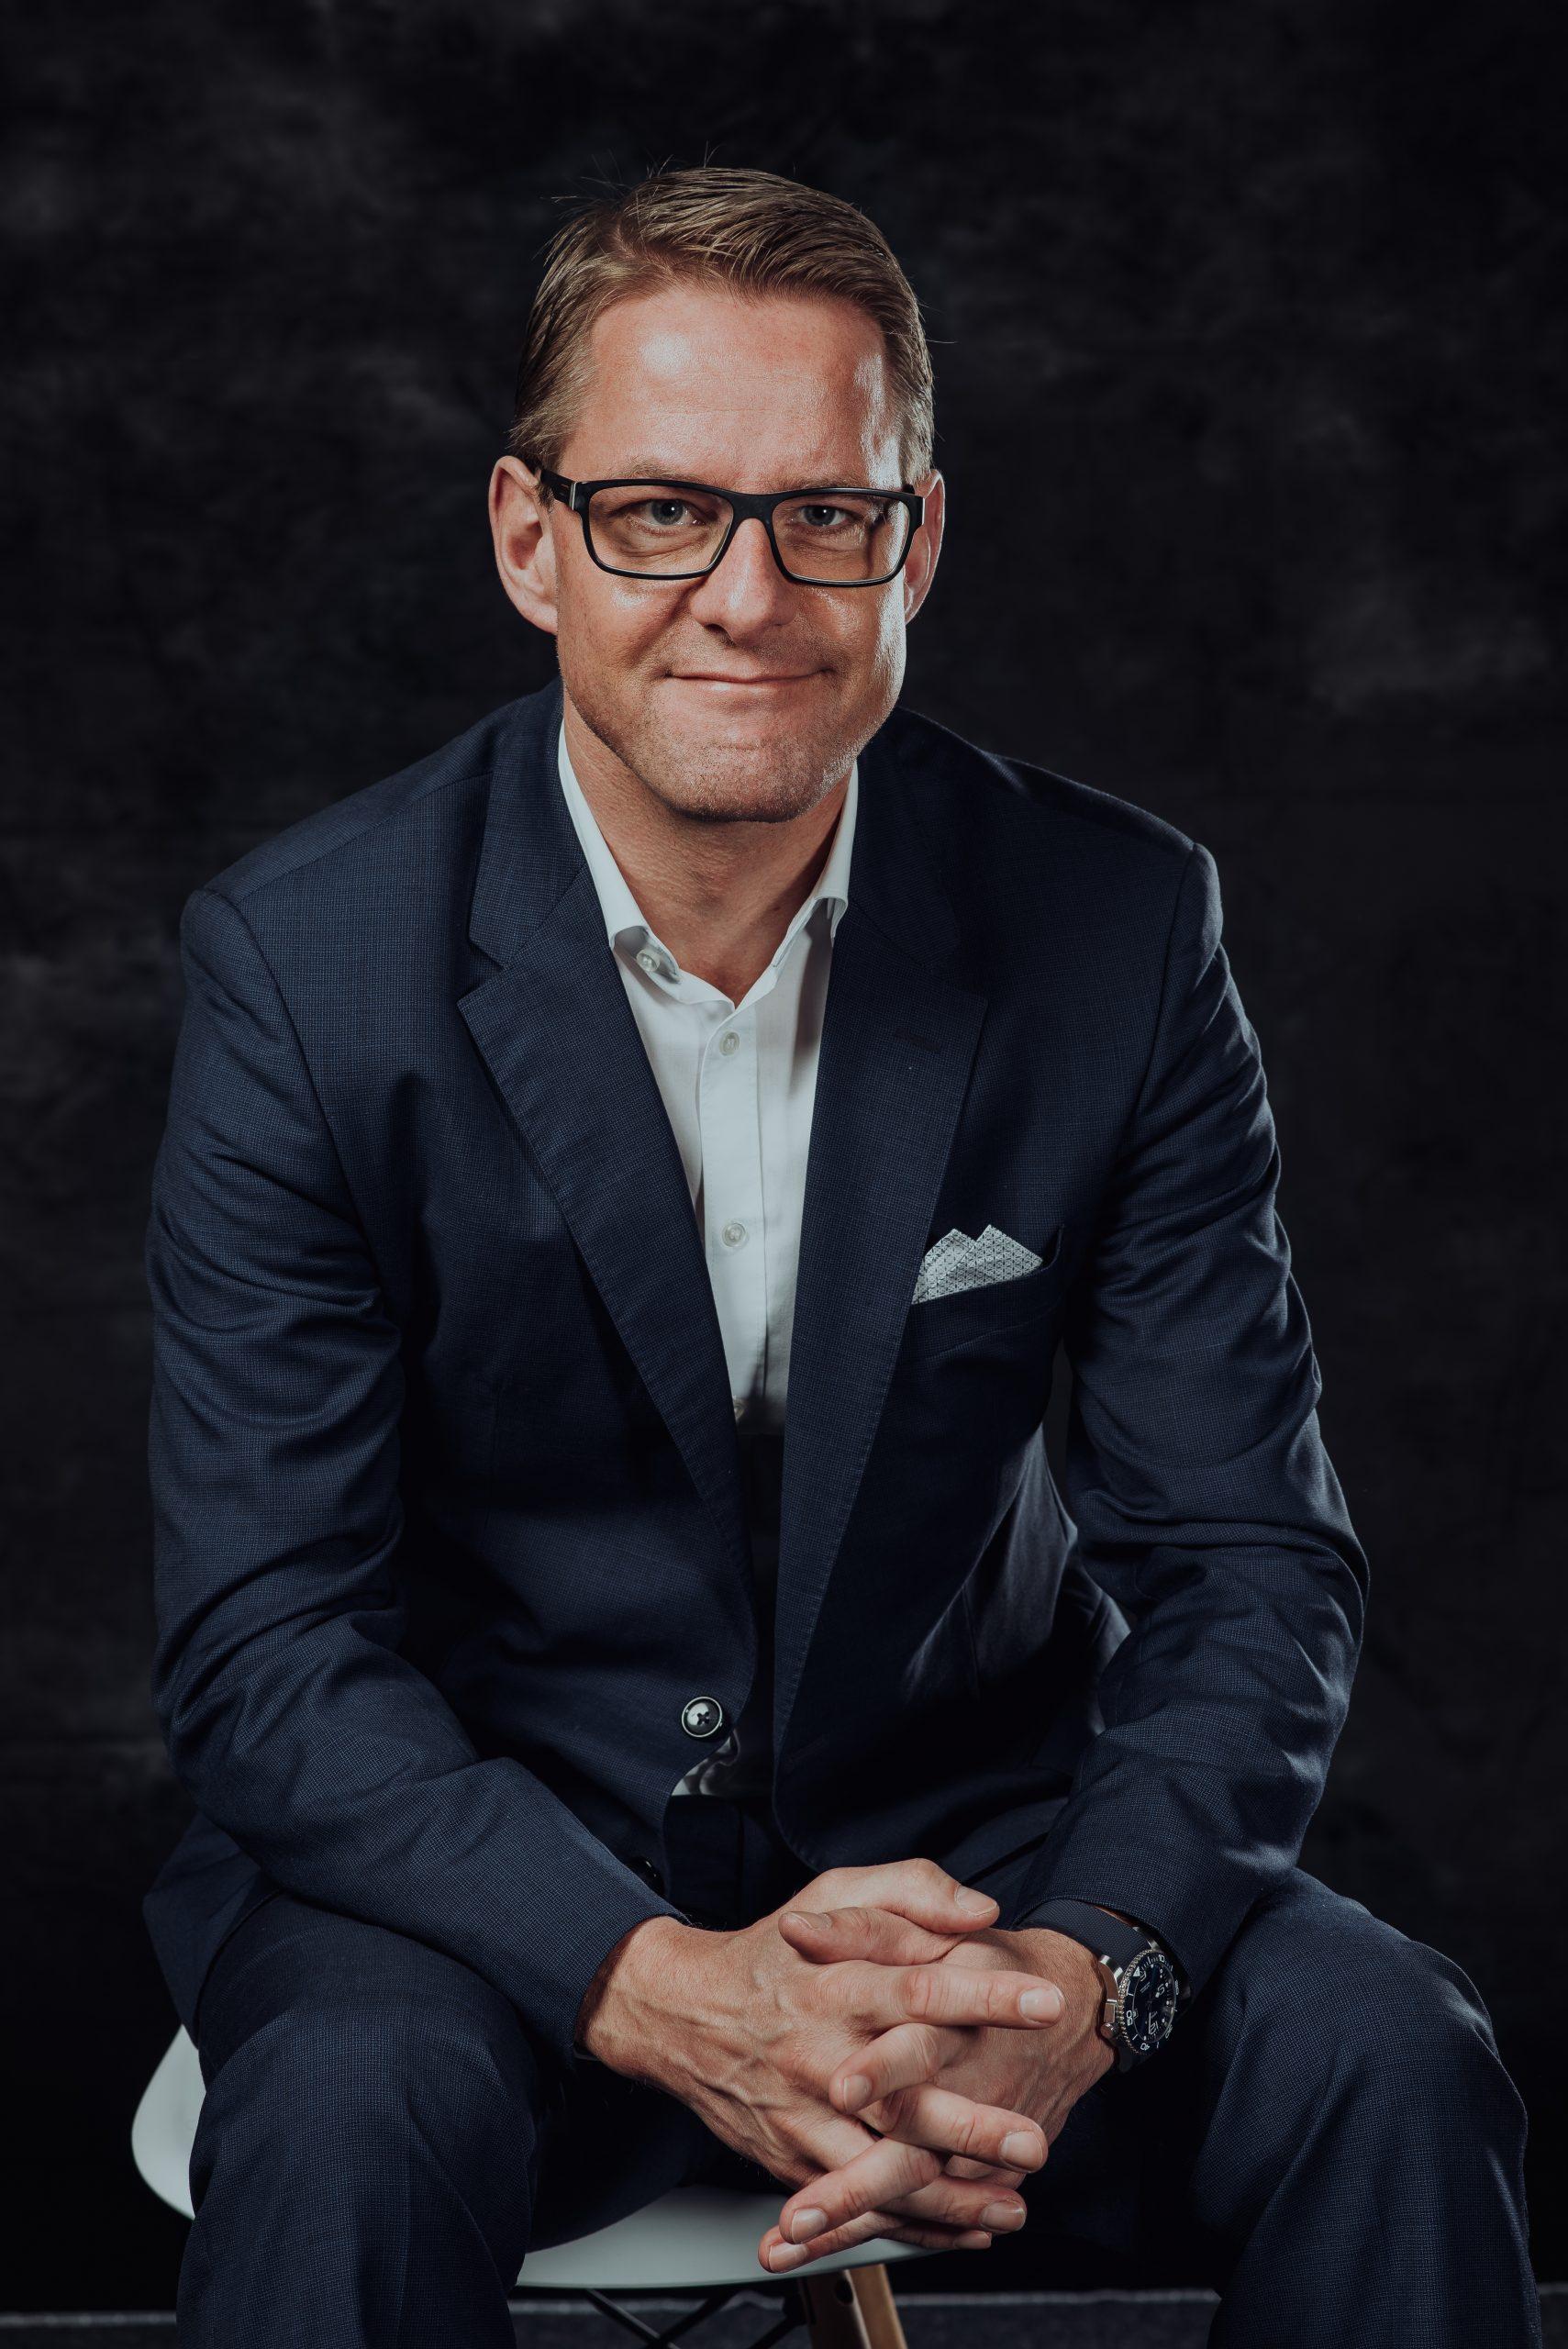 Mann mit Brille sitzt vor dunklem Hintergrund